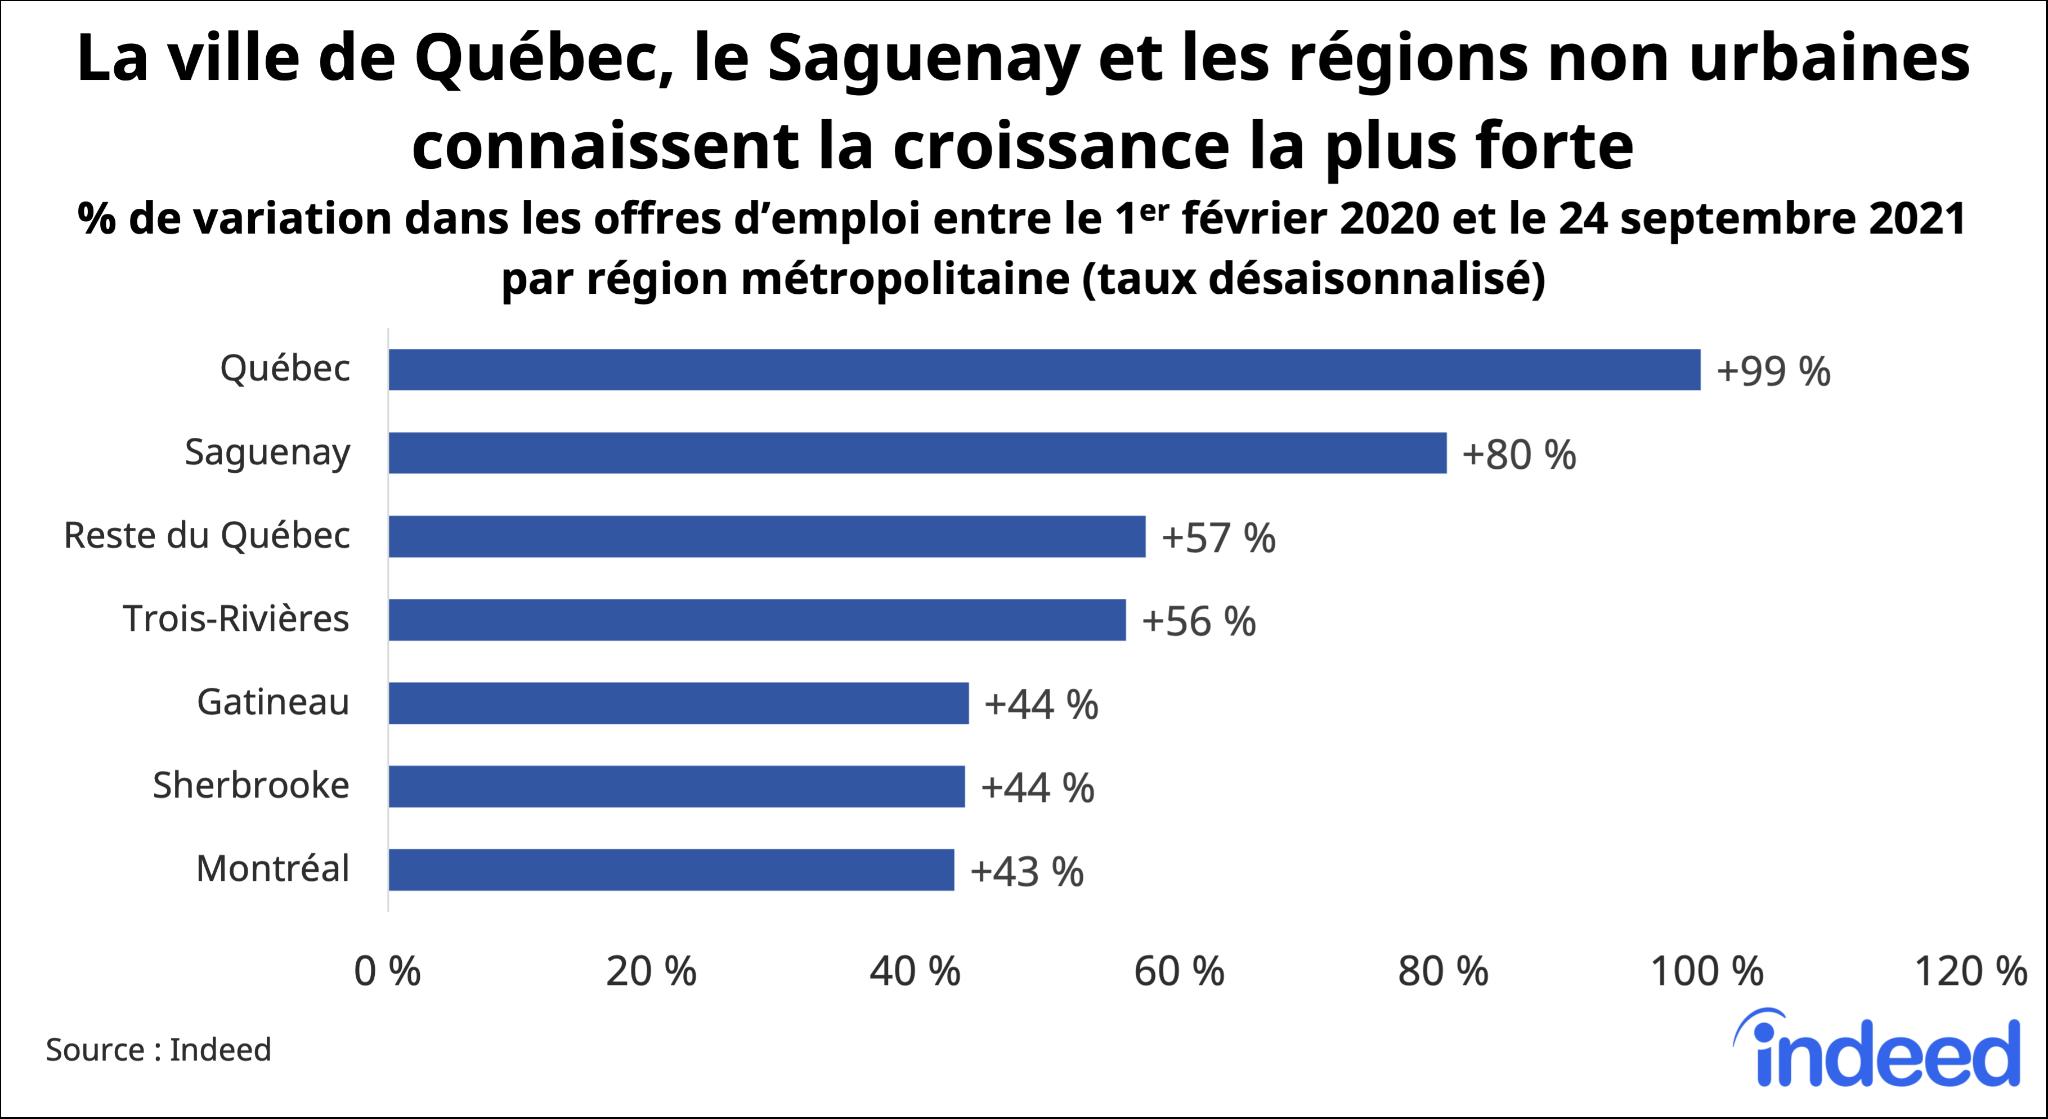 Graphique à barres intitulé «La ville de Québec, le Saguenay et les régions non urbaines connaissent la plus croissance.»